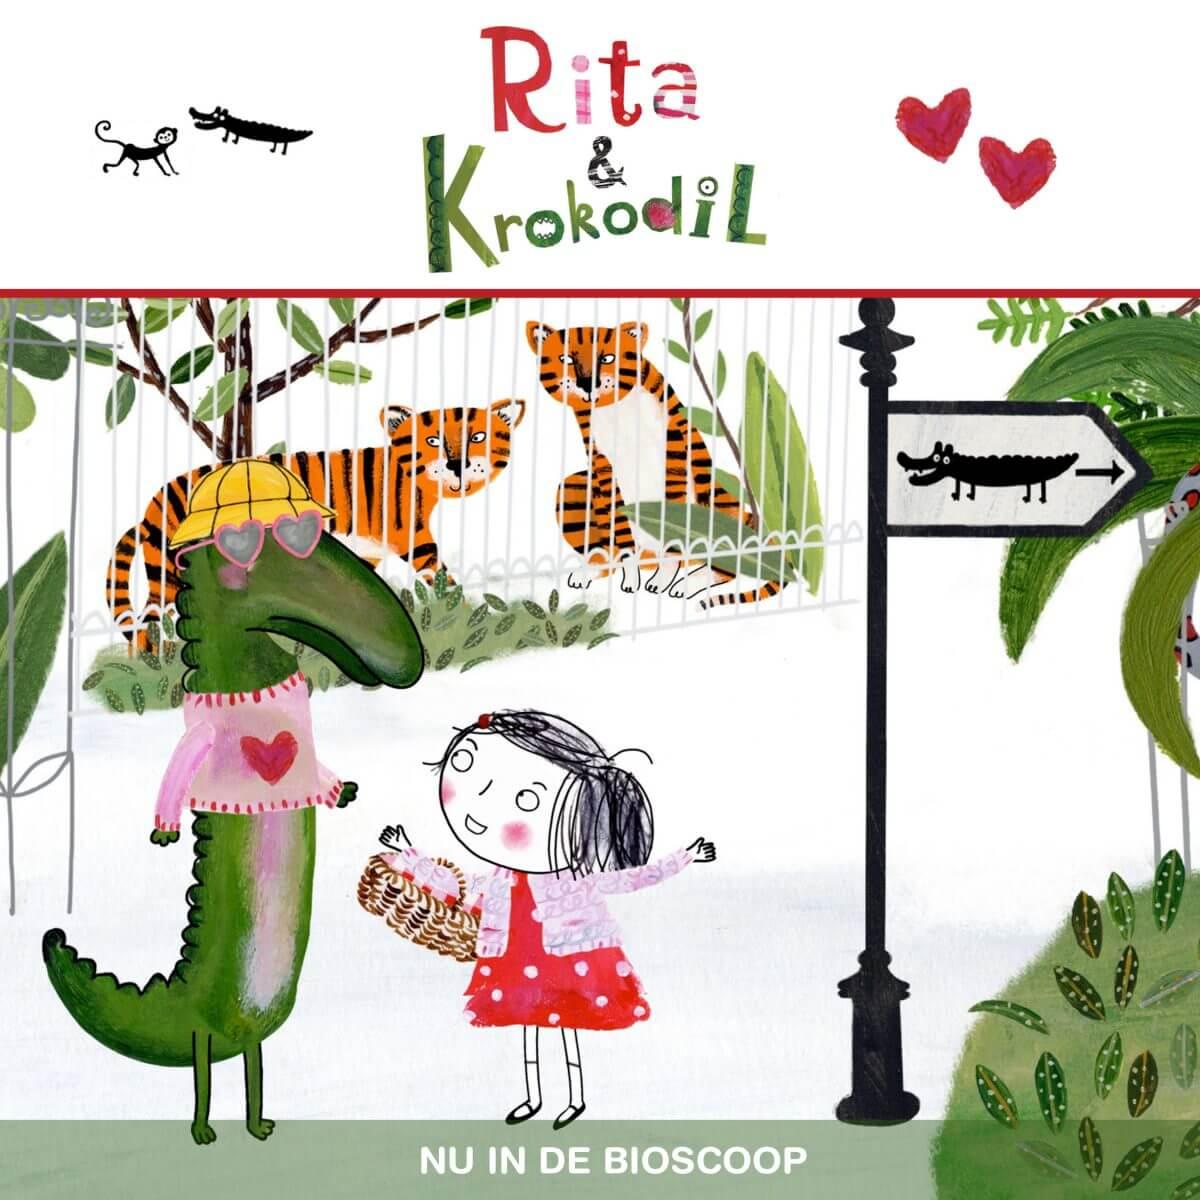 Filmtip voor de kerstvakantie: Rita & Krokodil (2+)